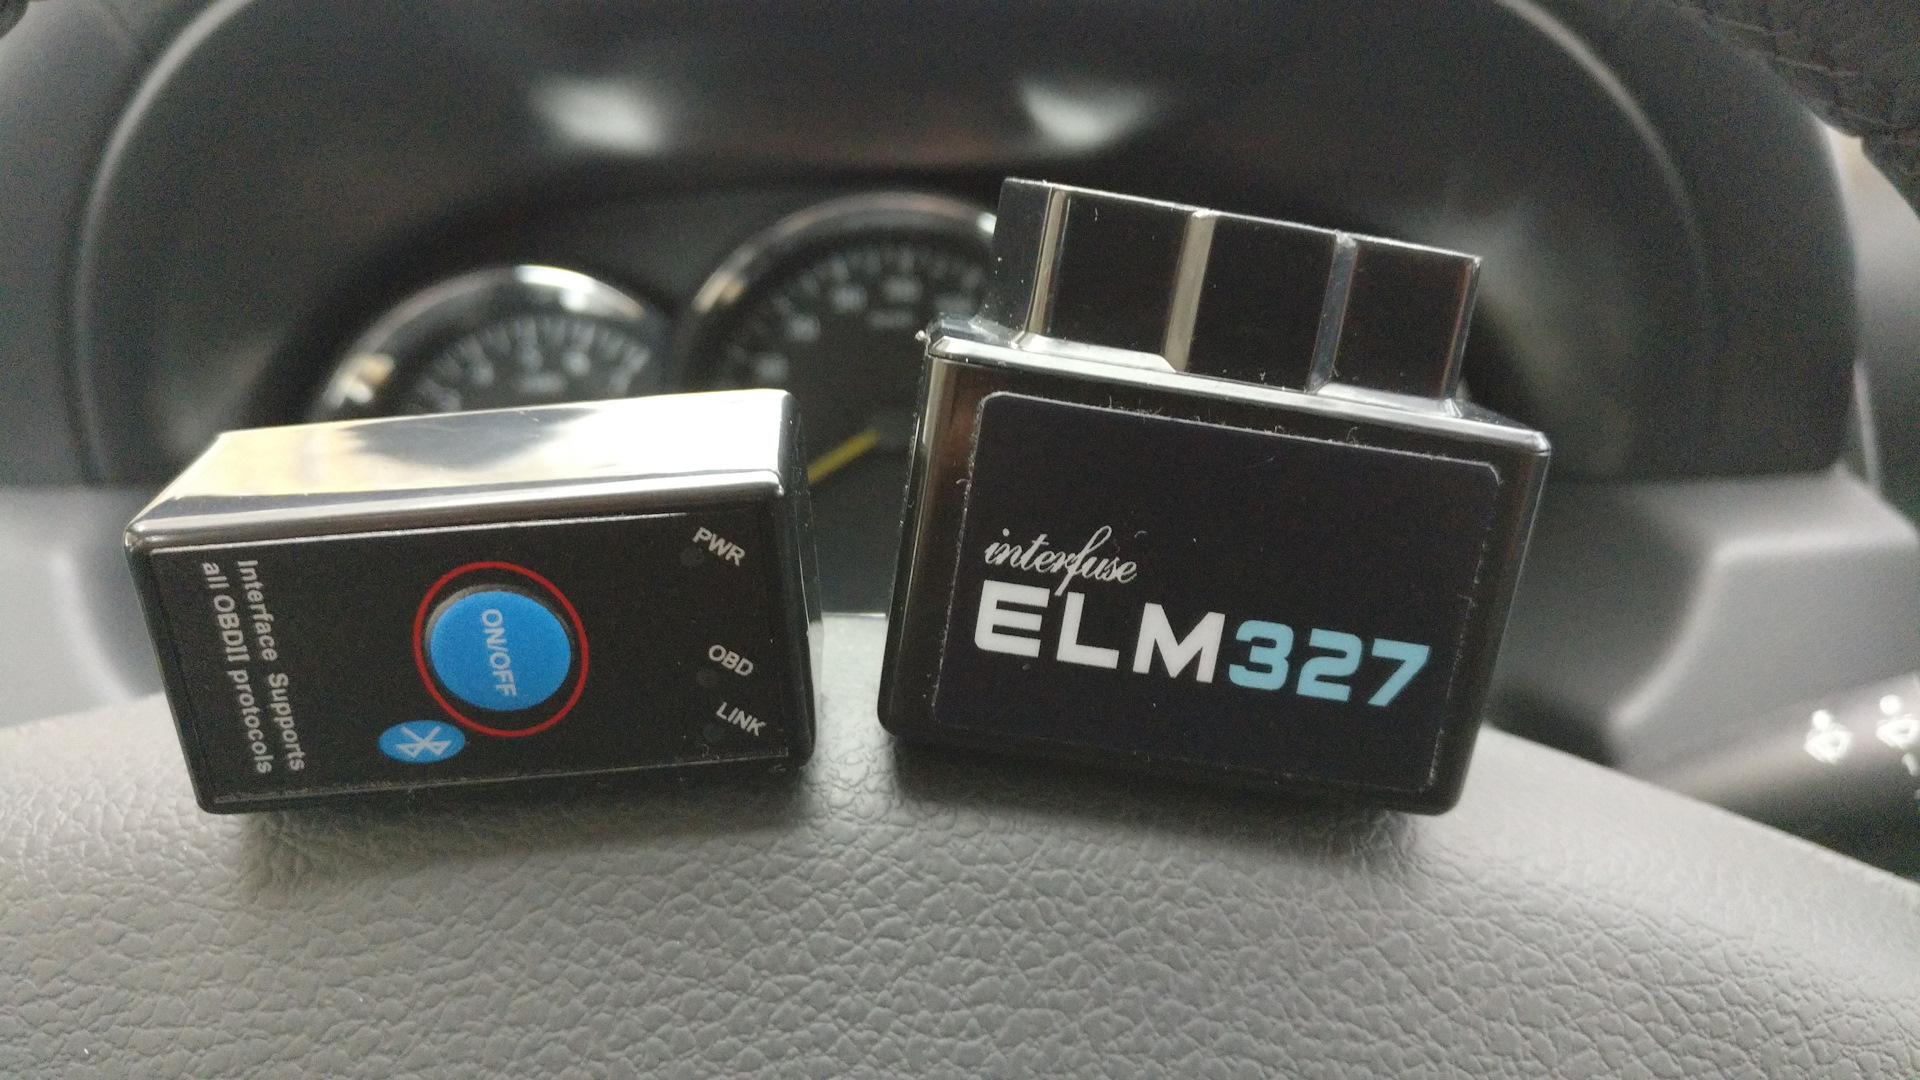 удаление ошибок renault symbol с помощью elm327